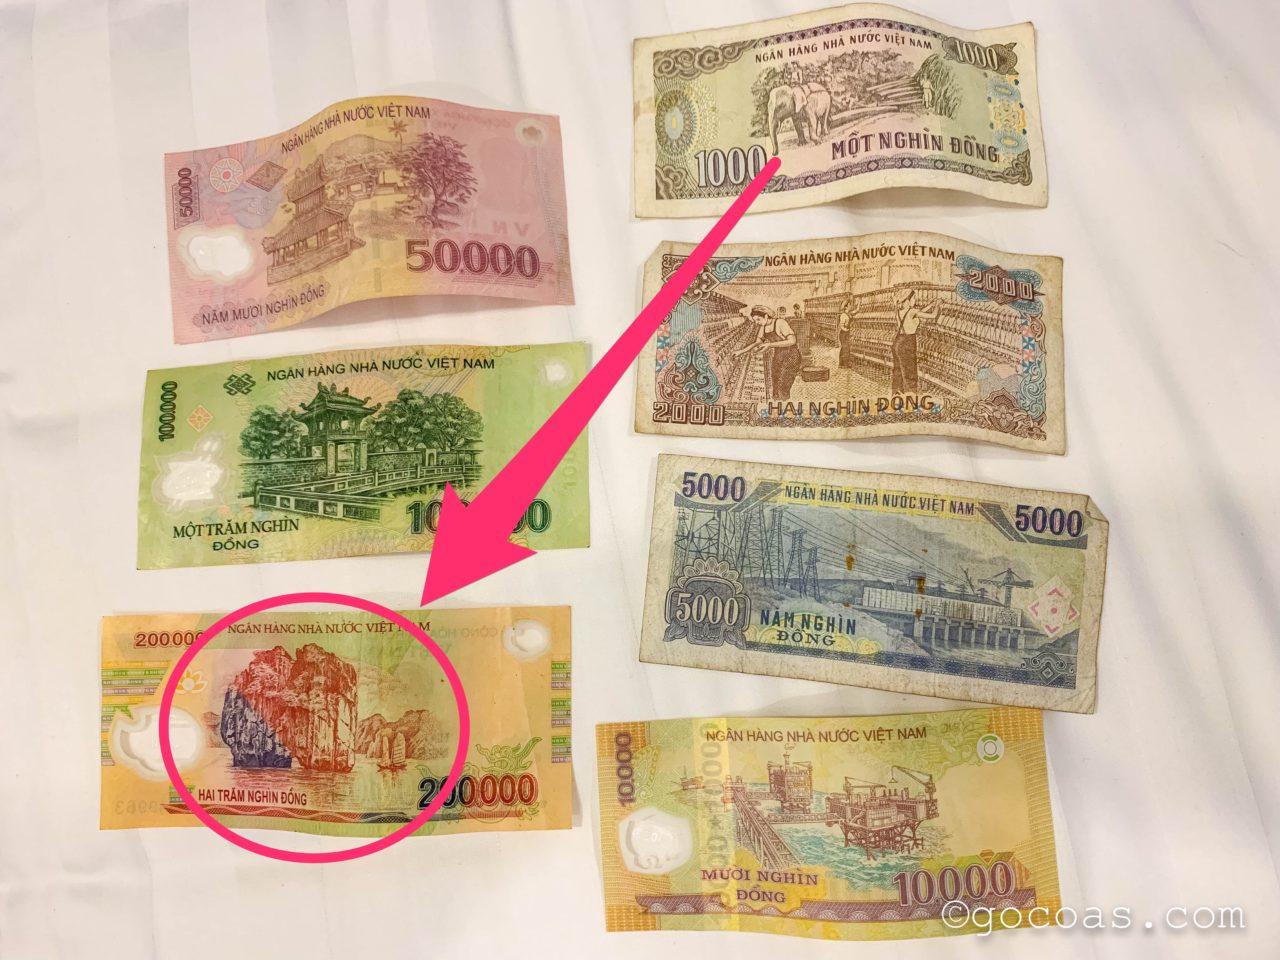 ベトナム紙幣の香炉岩